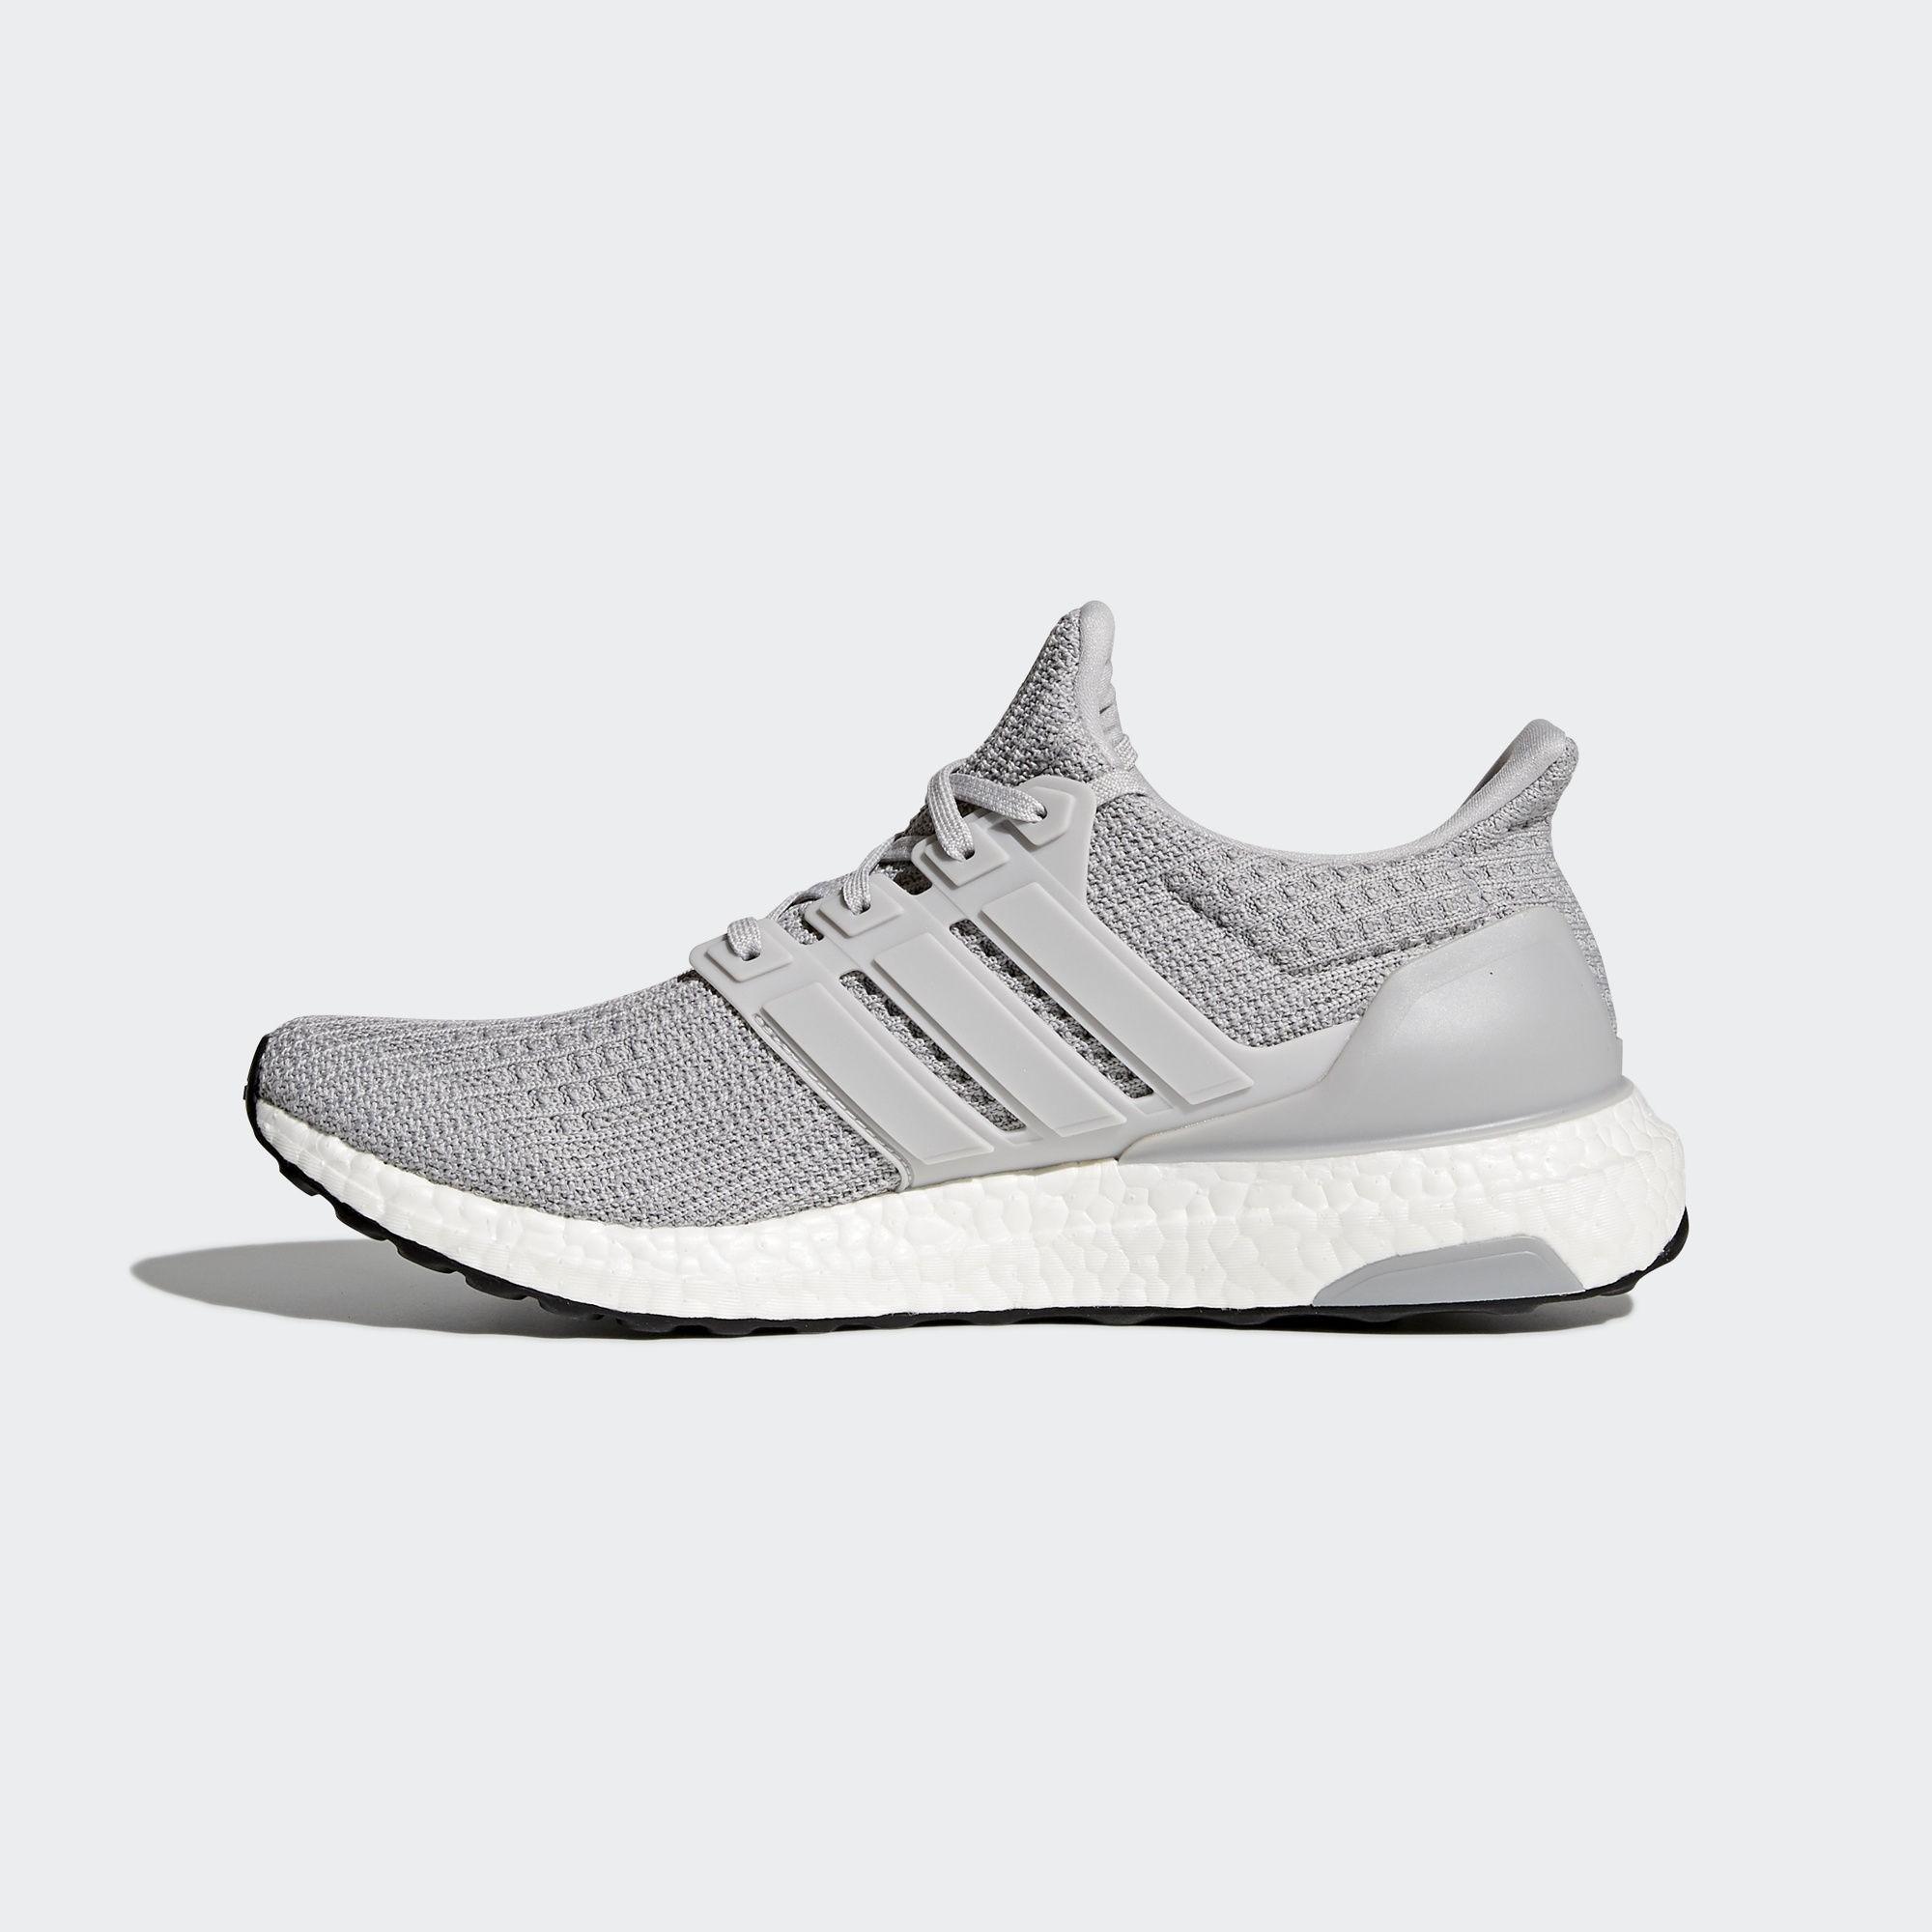 """Adidas Ultra Boost 4.0 """"Grises"""" Hombre BB6167"""